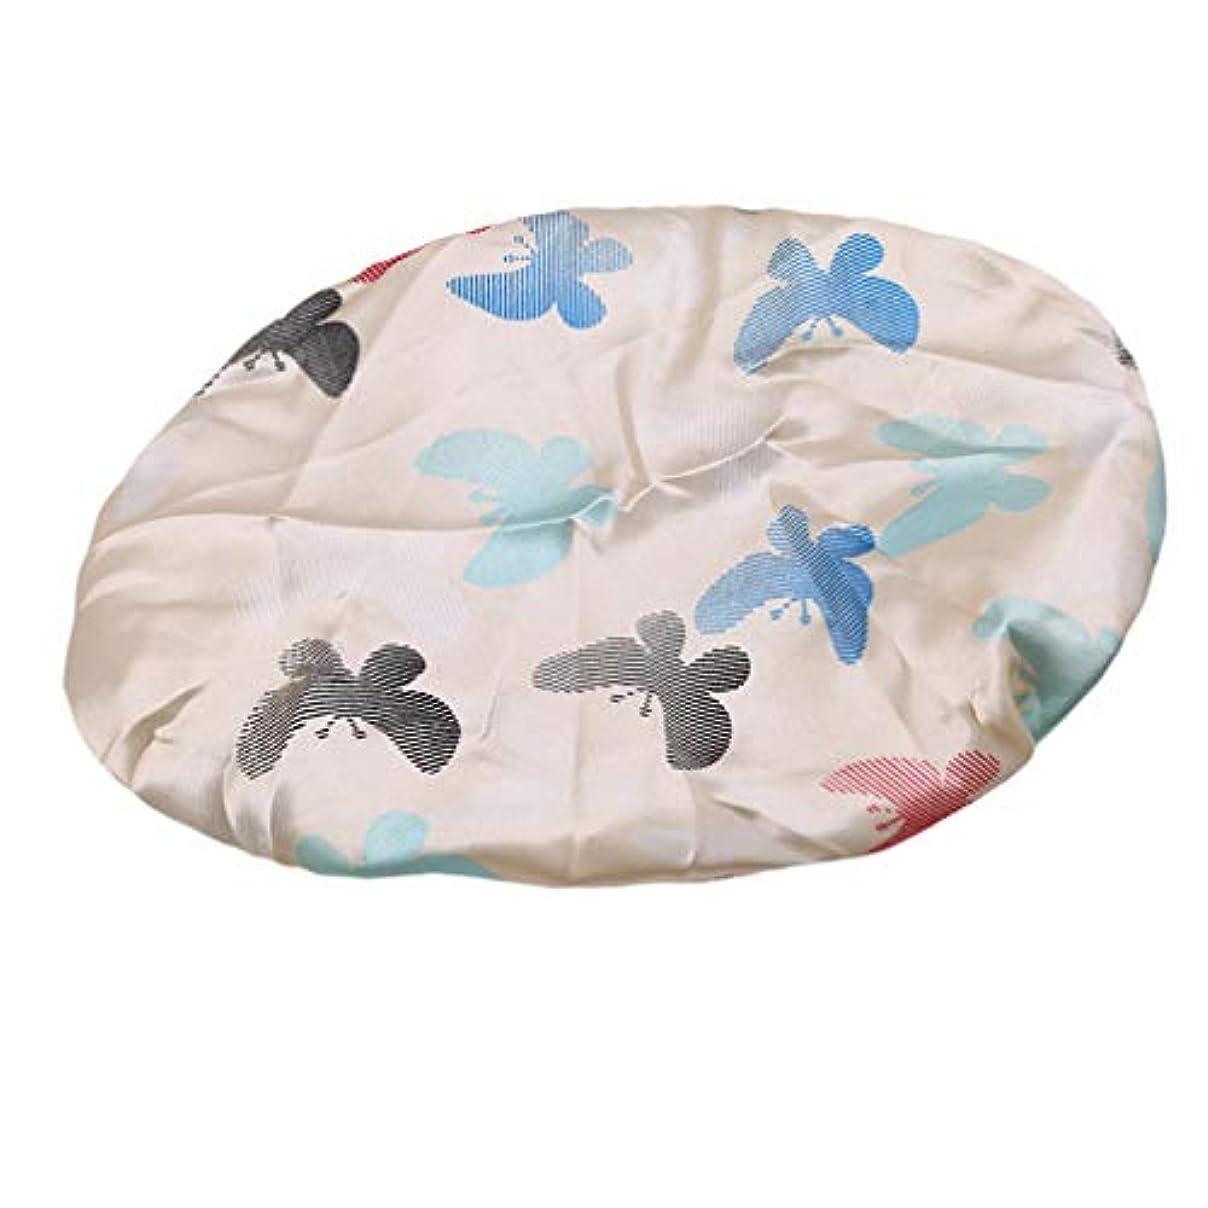 分析する心理的警戒YUEHAO シャワーキャップ 入浴キャップ可愛い防水帽 弾性の防水ヘアキャップ ベージュボトムバタフライ